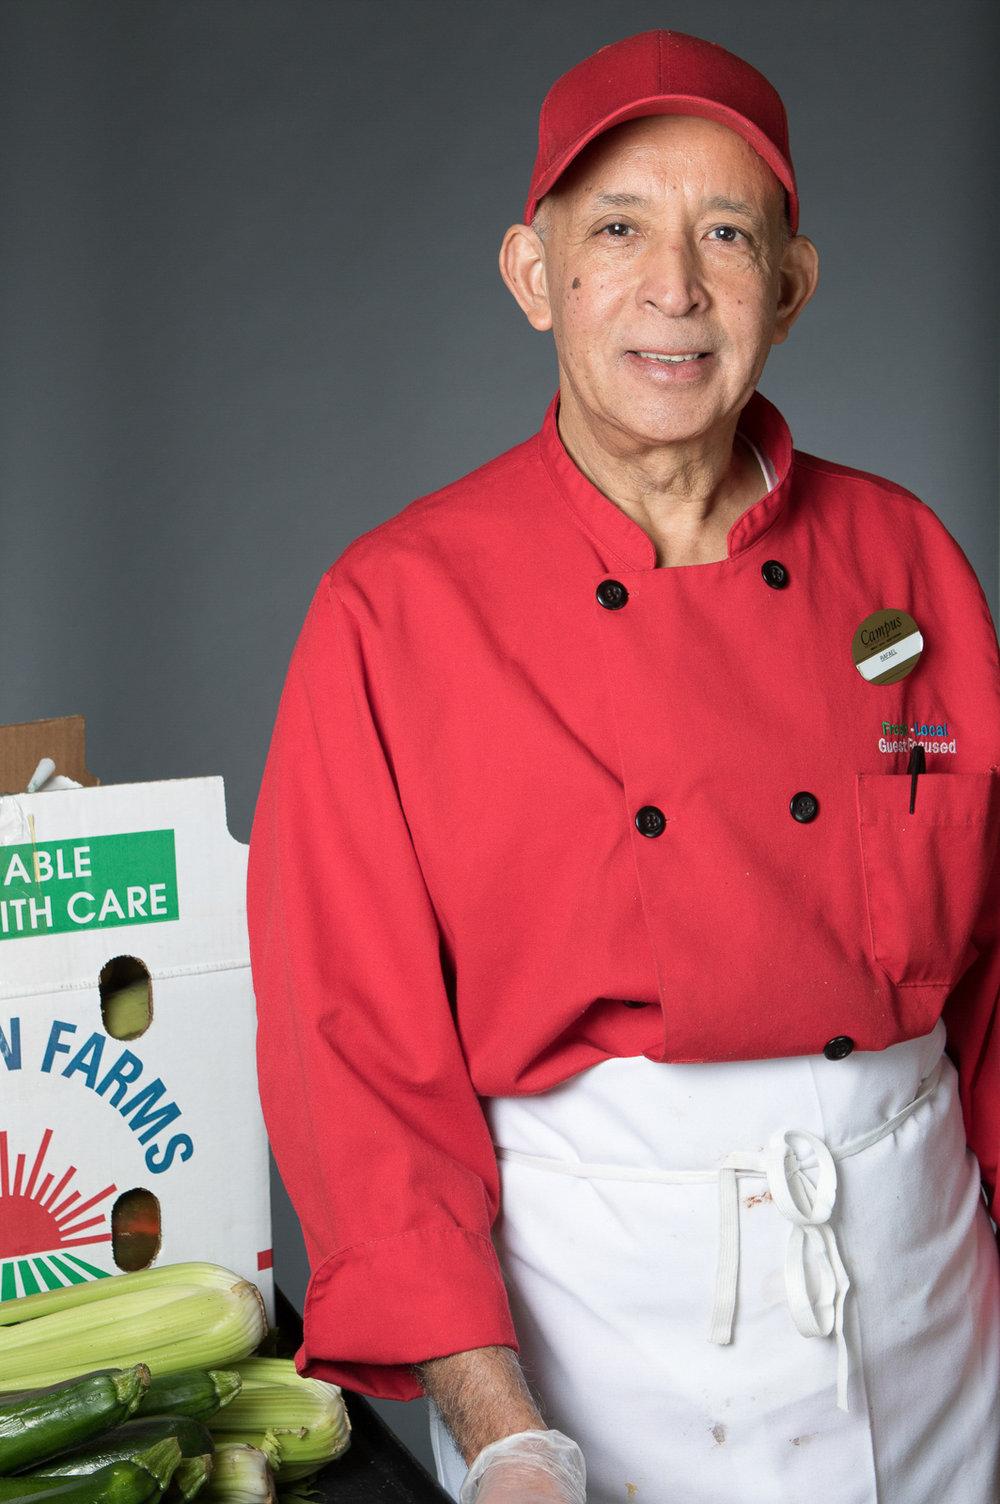 Headshot of Chef